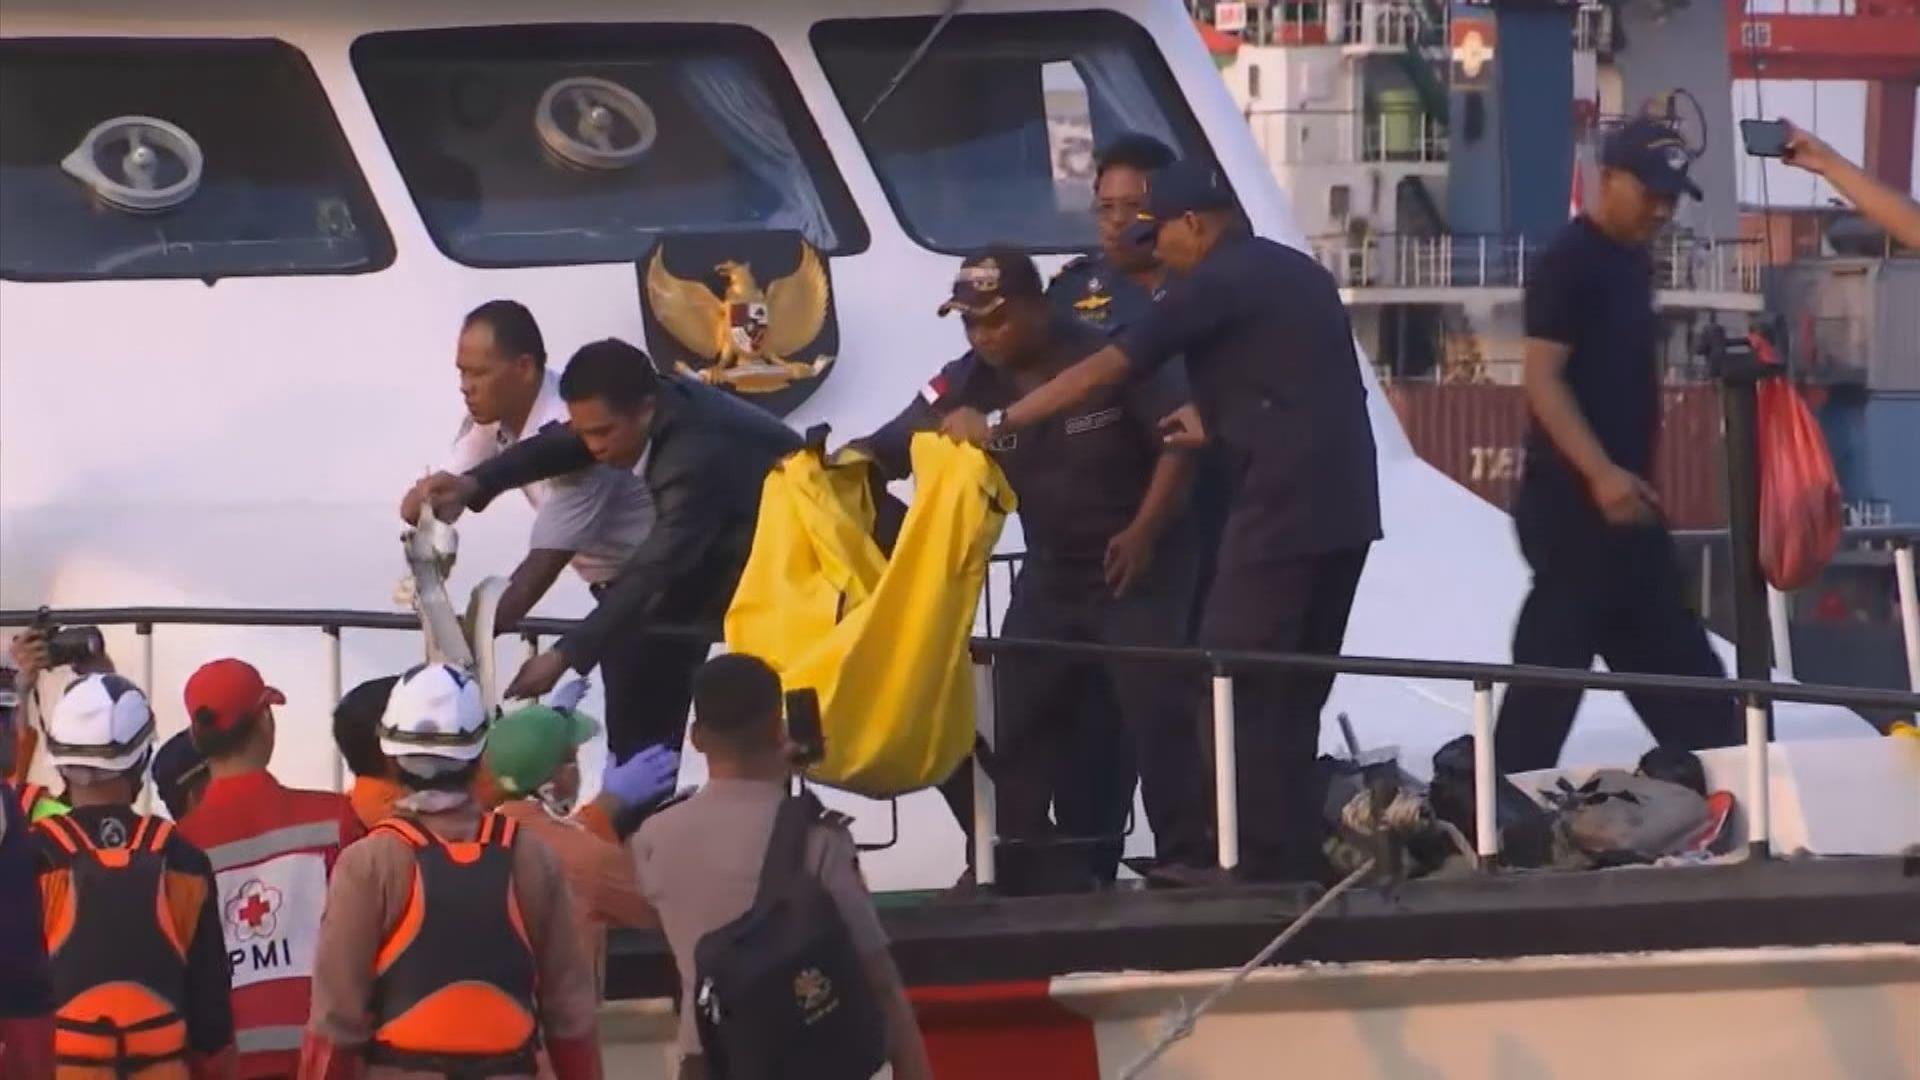 印尼獅航客機墮海 搜救人員找到乘客殘肢